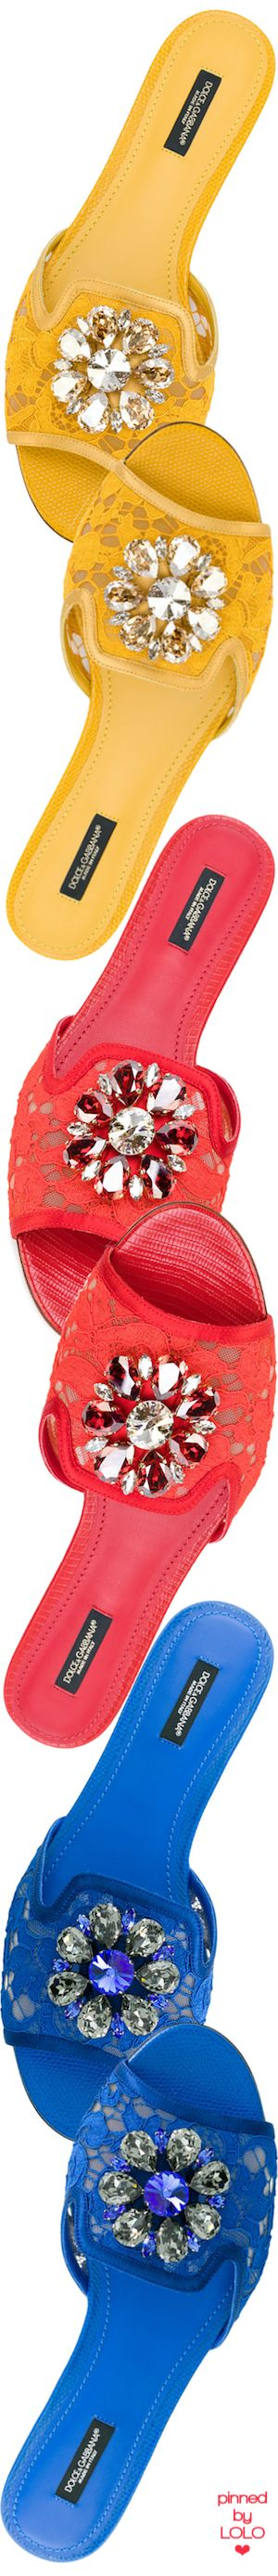 DOLCE & GABBANA Bianca Embellished Sandals